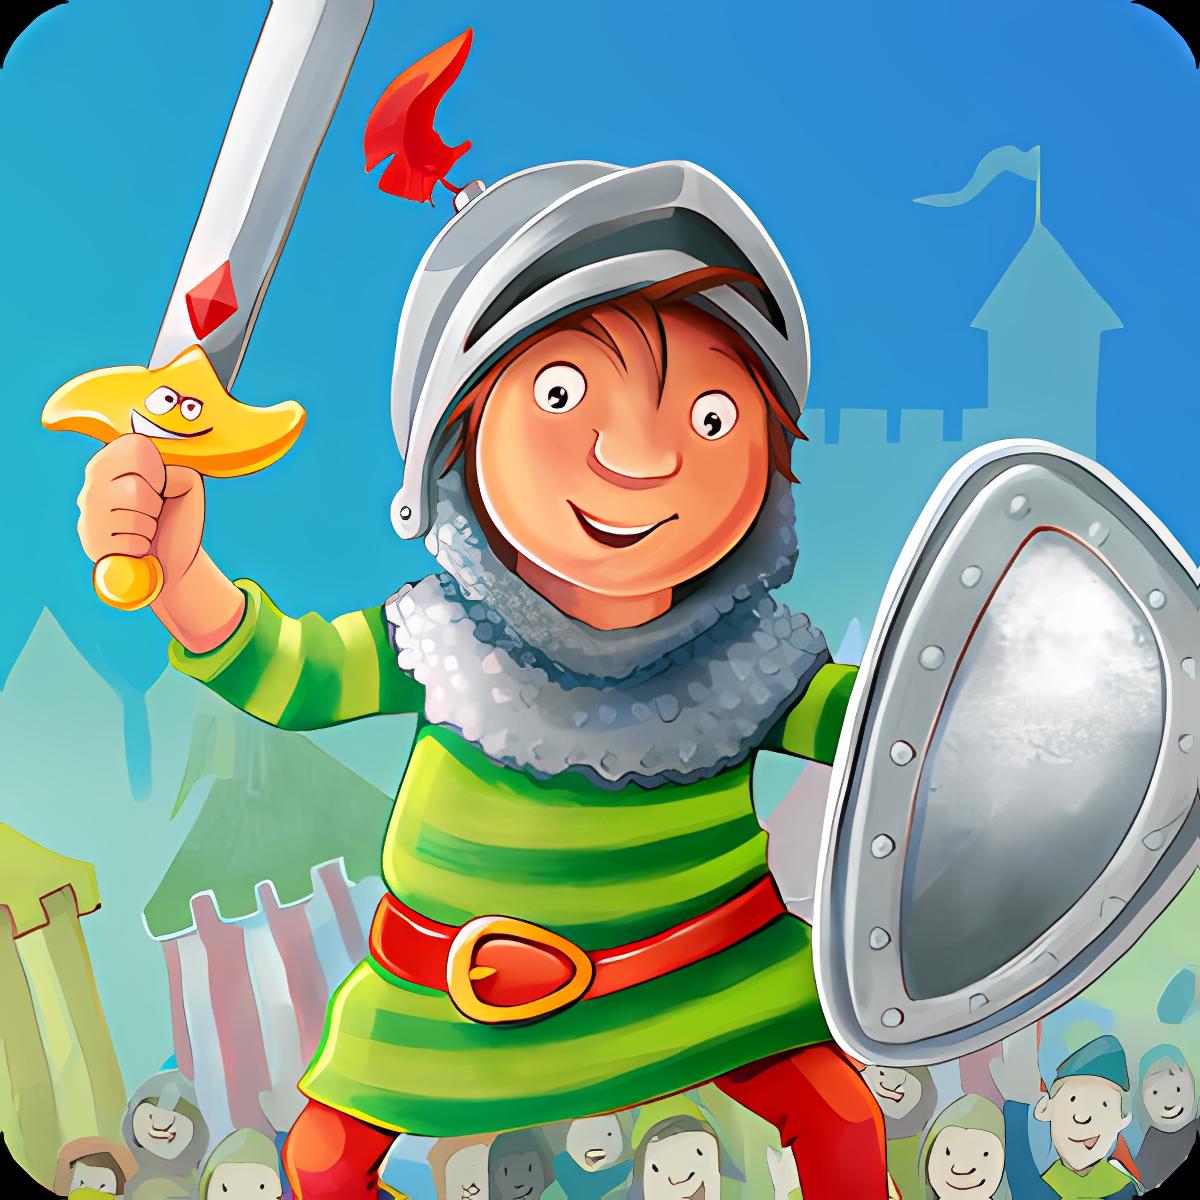 Vincelot: A Knight's Adventure 1.1